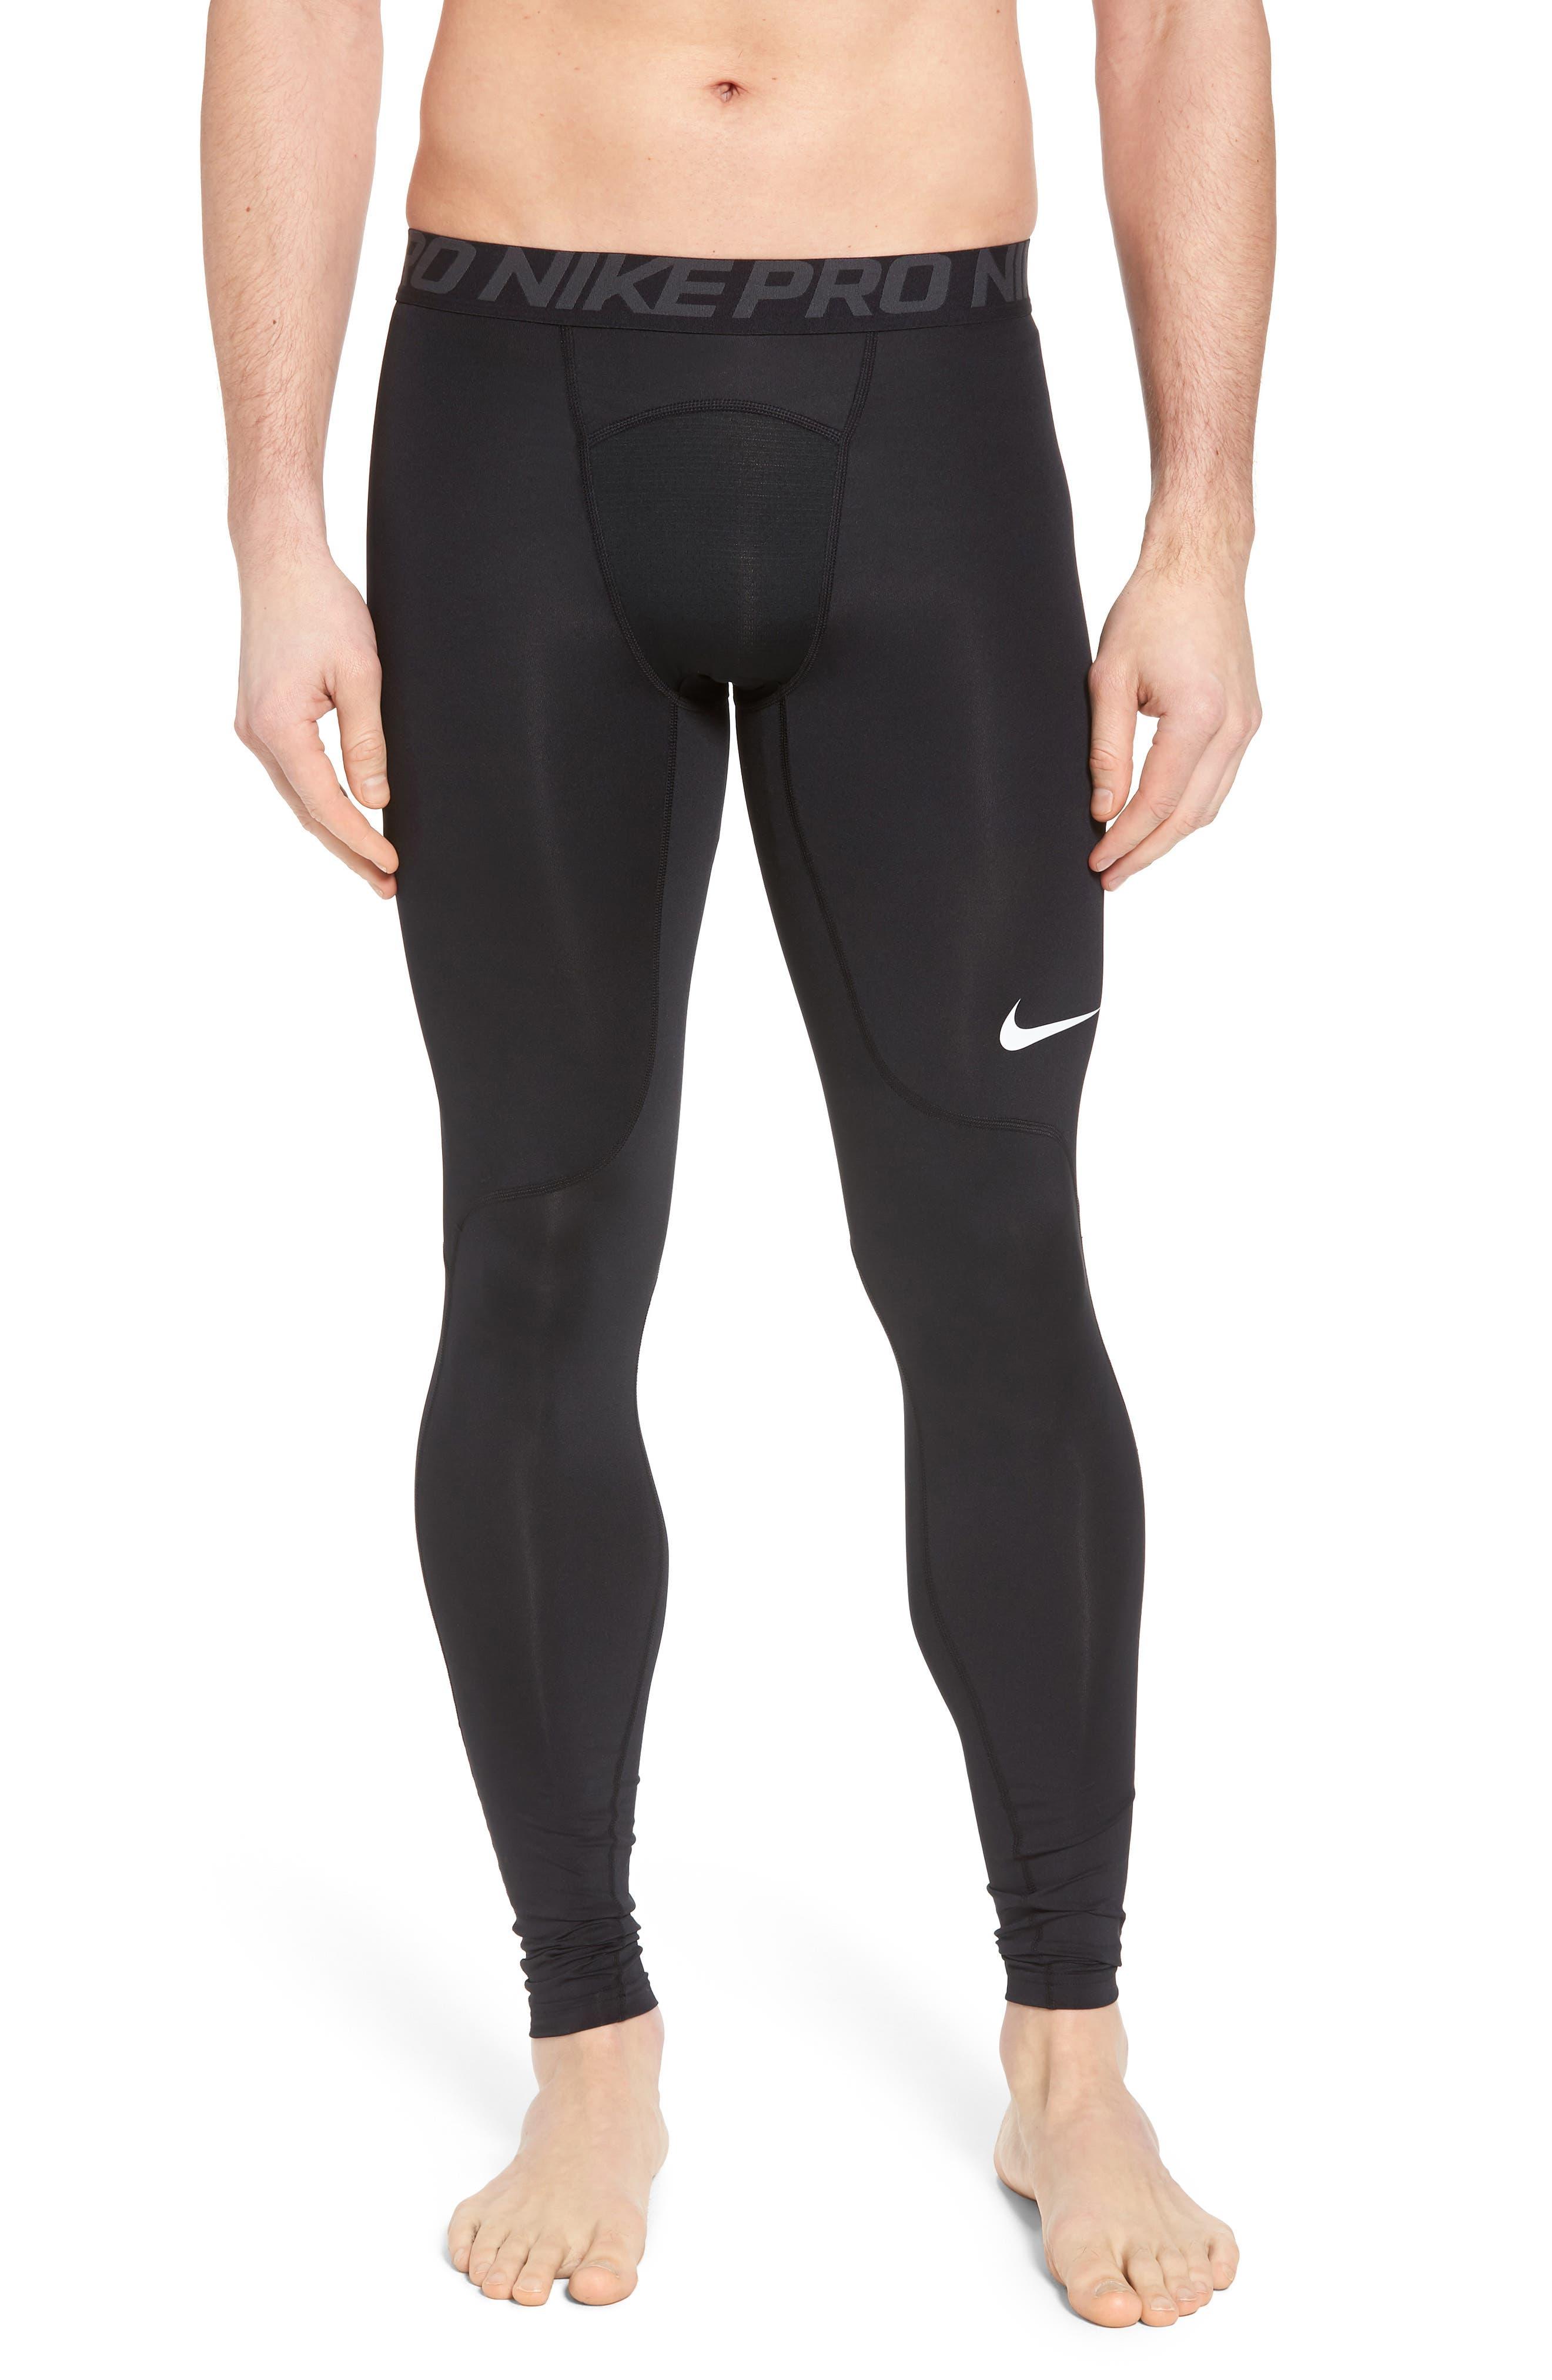 Big & Tall Nike Pro Training Tights